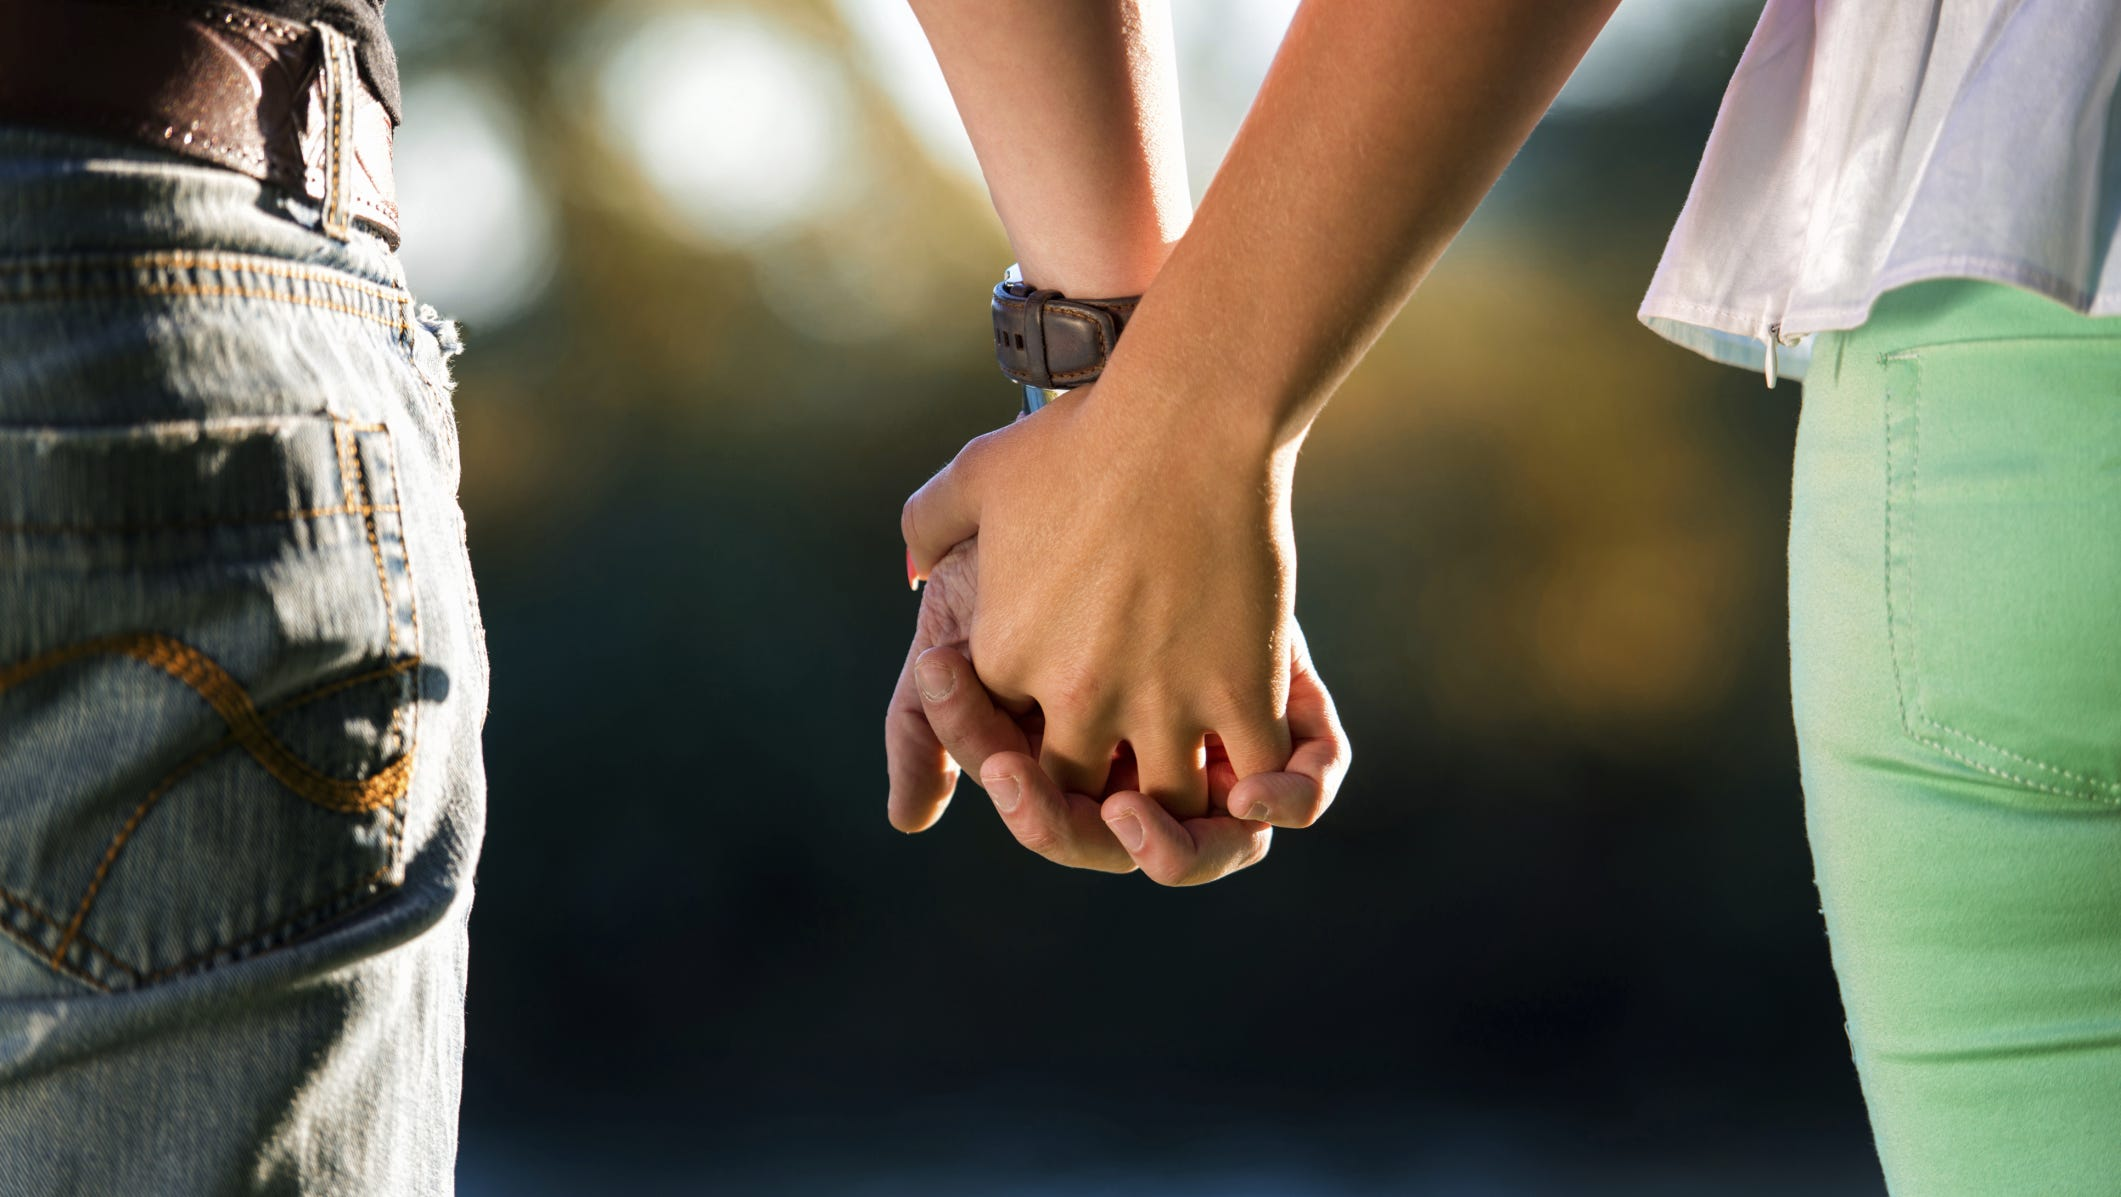 dating persona test okcupid kako znam da se želi spojiti